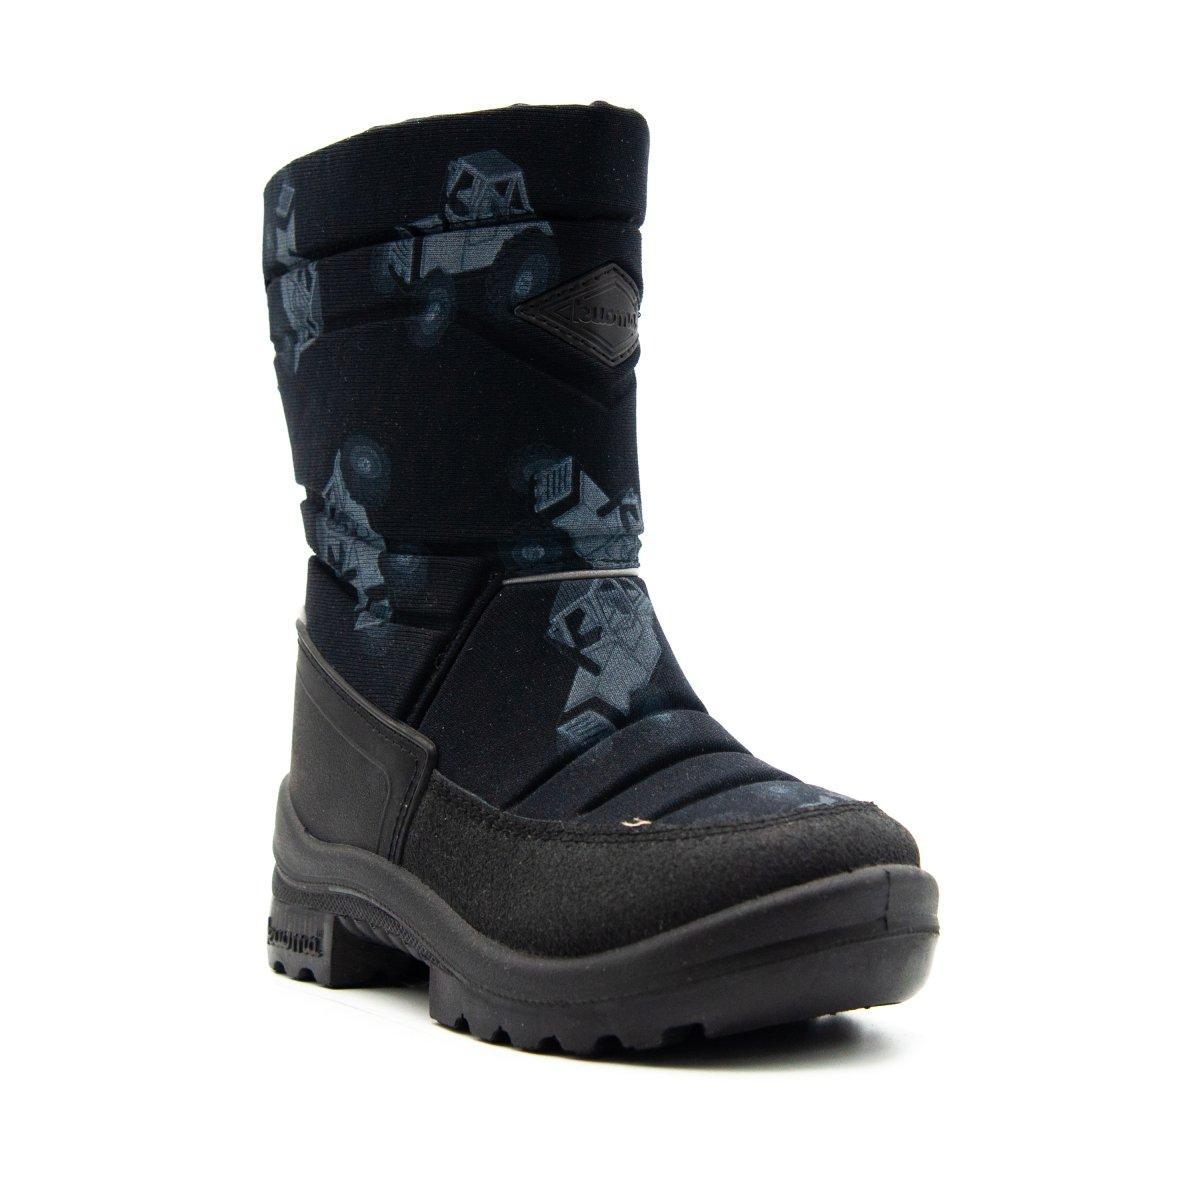 Обувь детская Kuoma Putkivarsi wool, Black Monster - 24